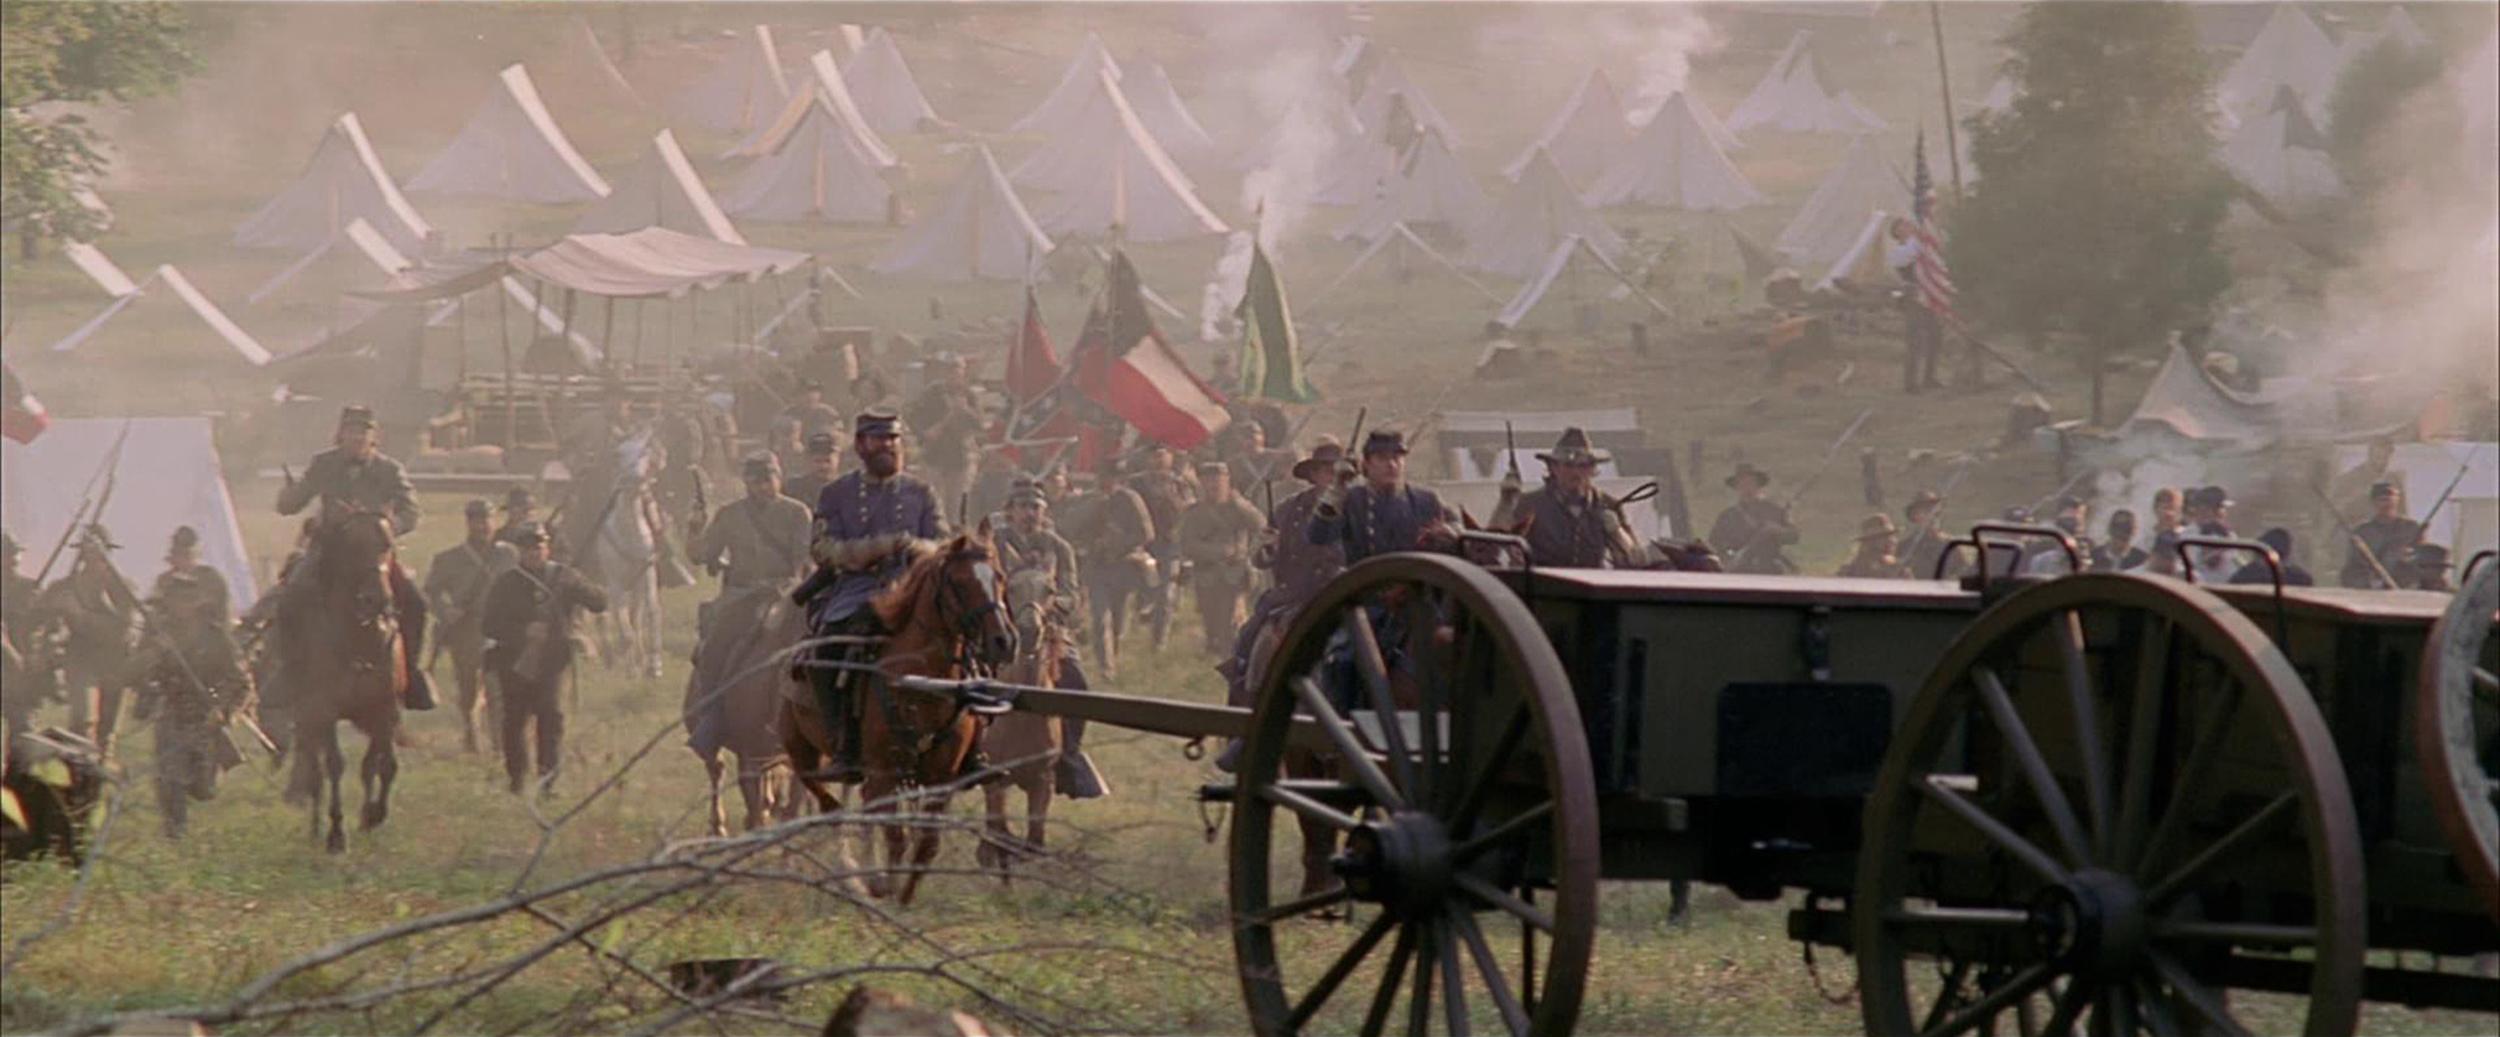 G&G_Chancellorsville_4.jpg